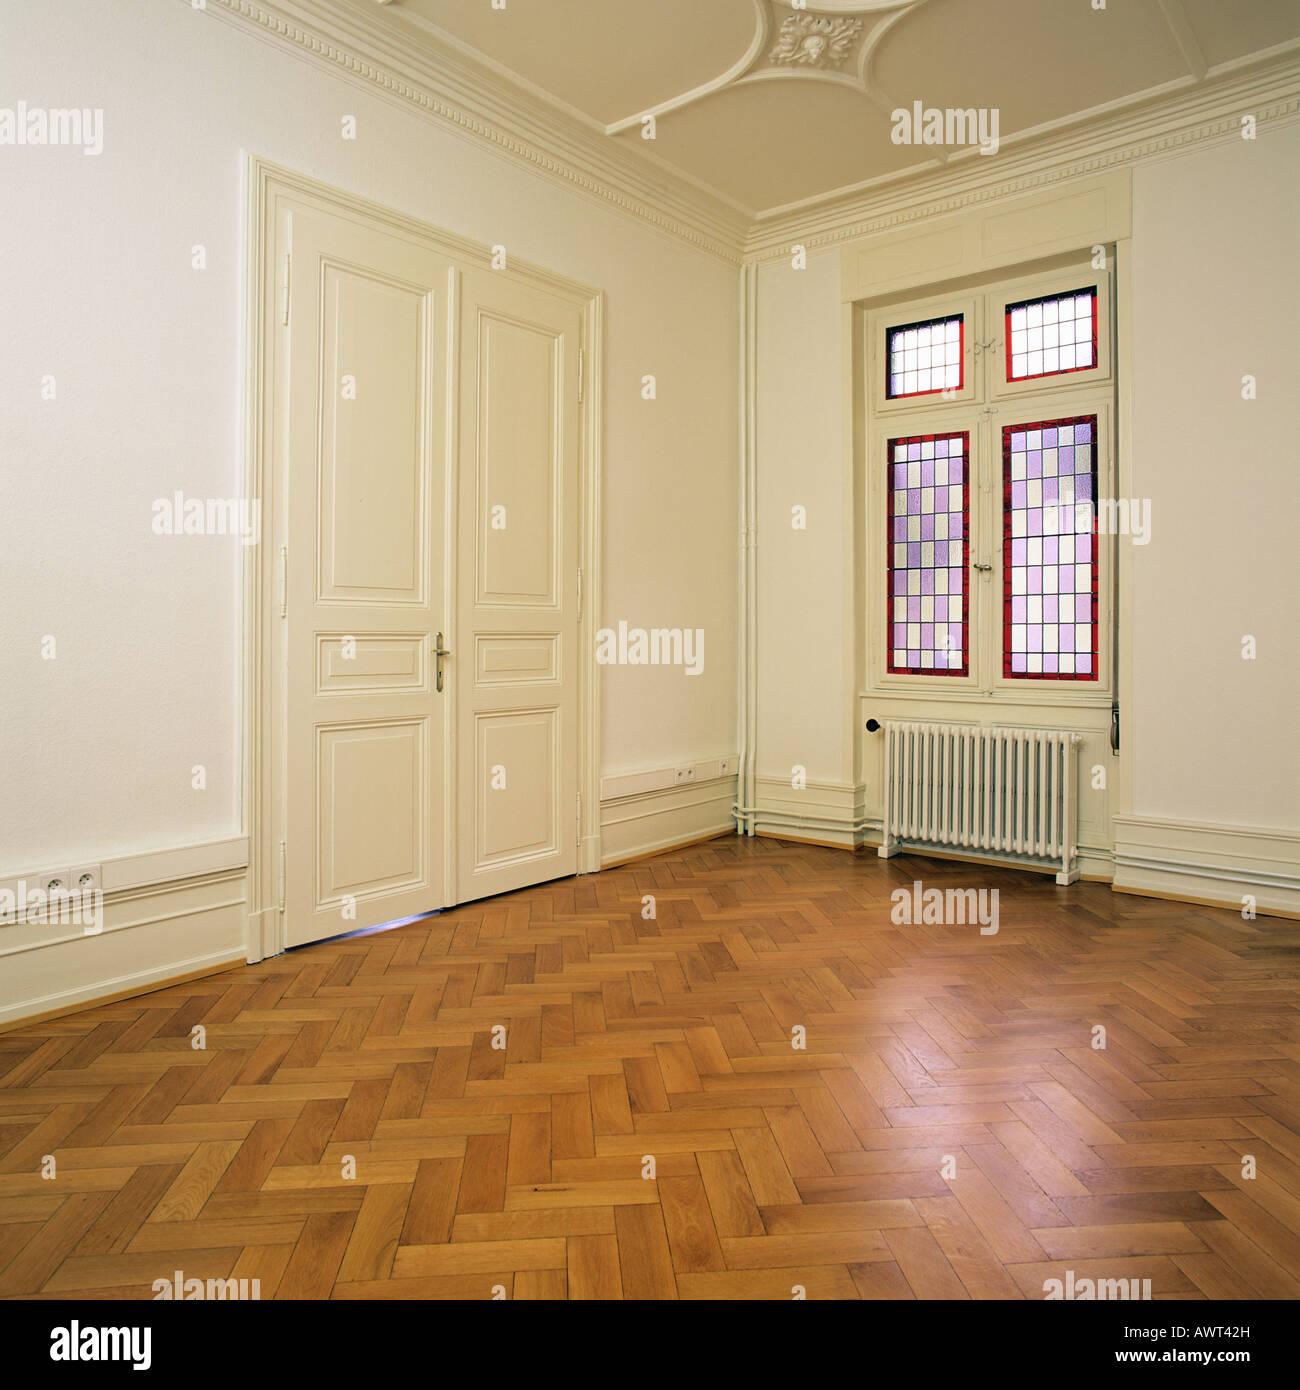 PR EMPTY ROOM WITH OAK WOODEN FLOORING CLOSED DOOR AND A